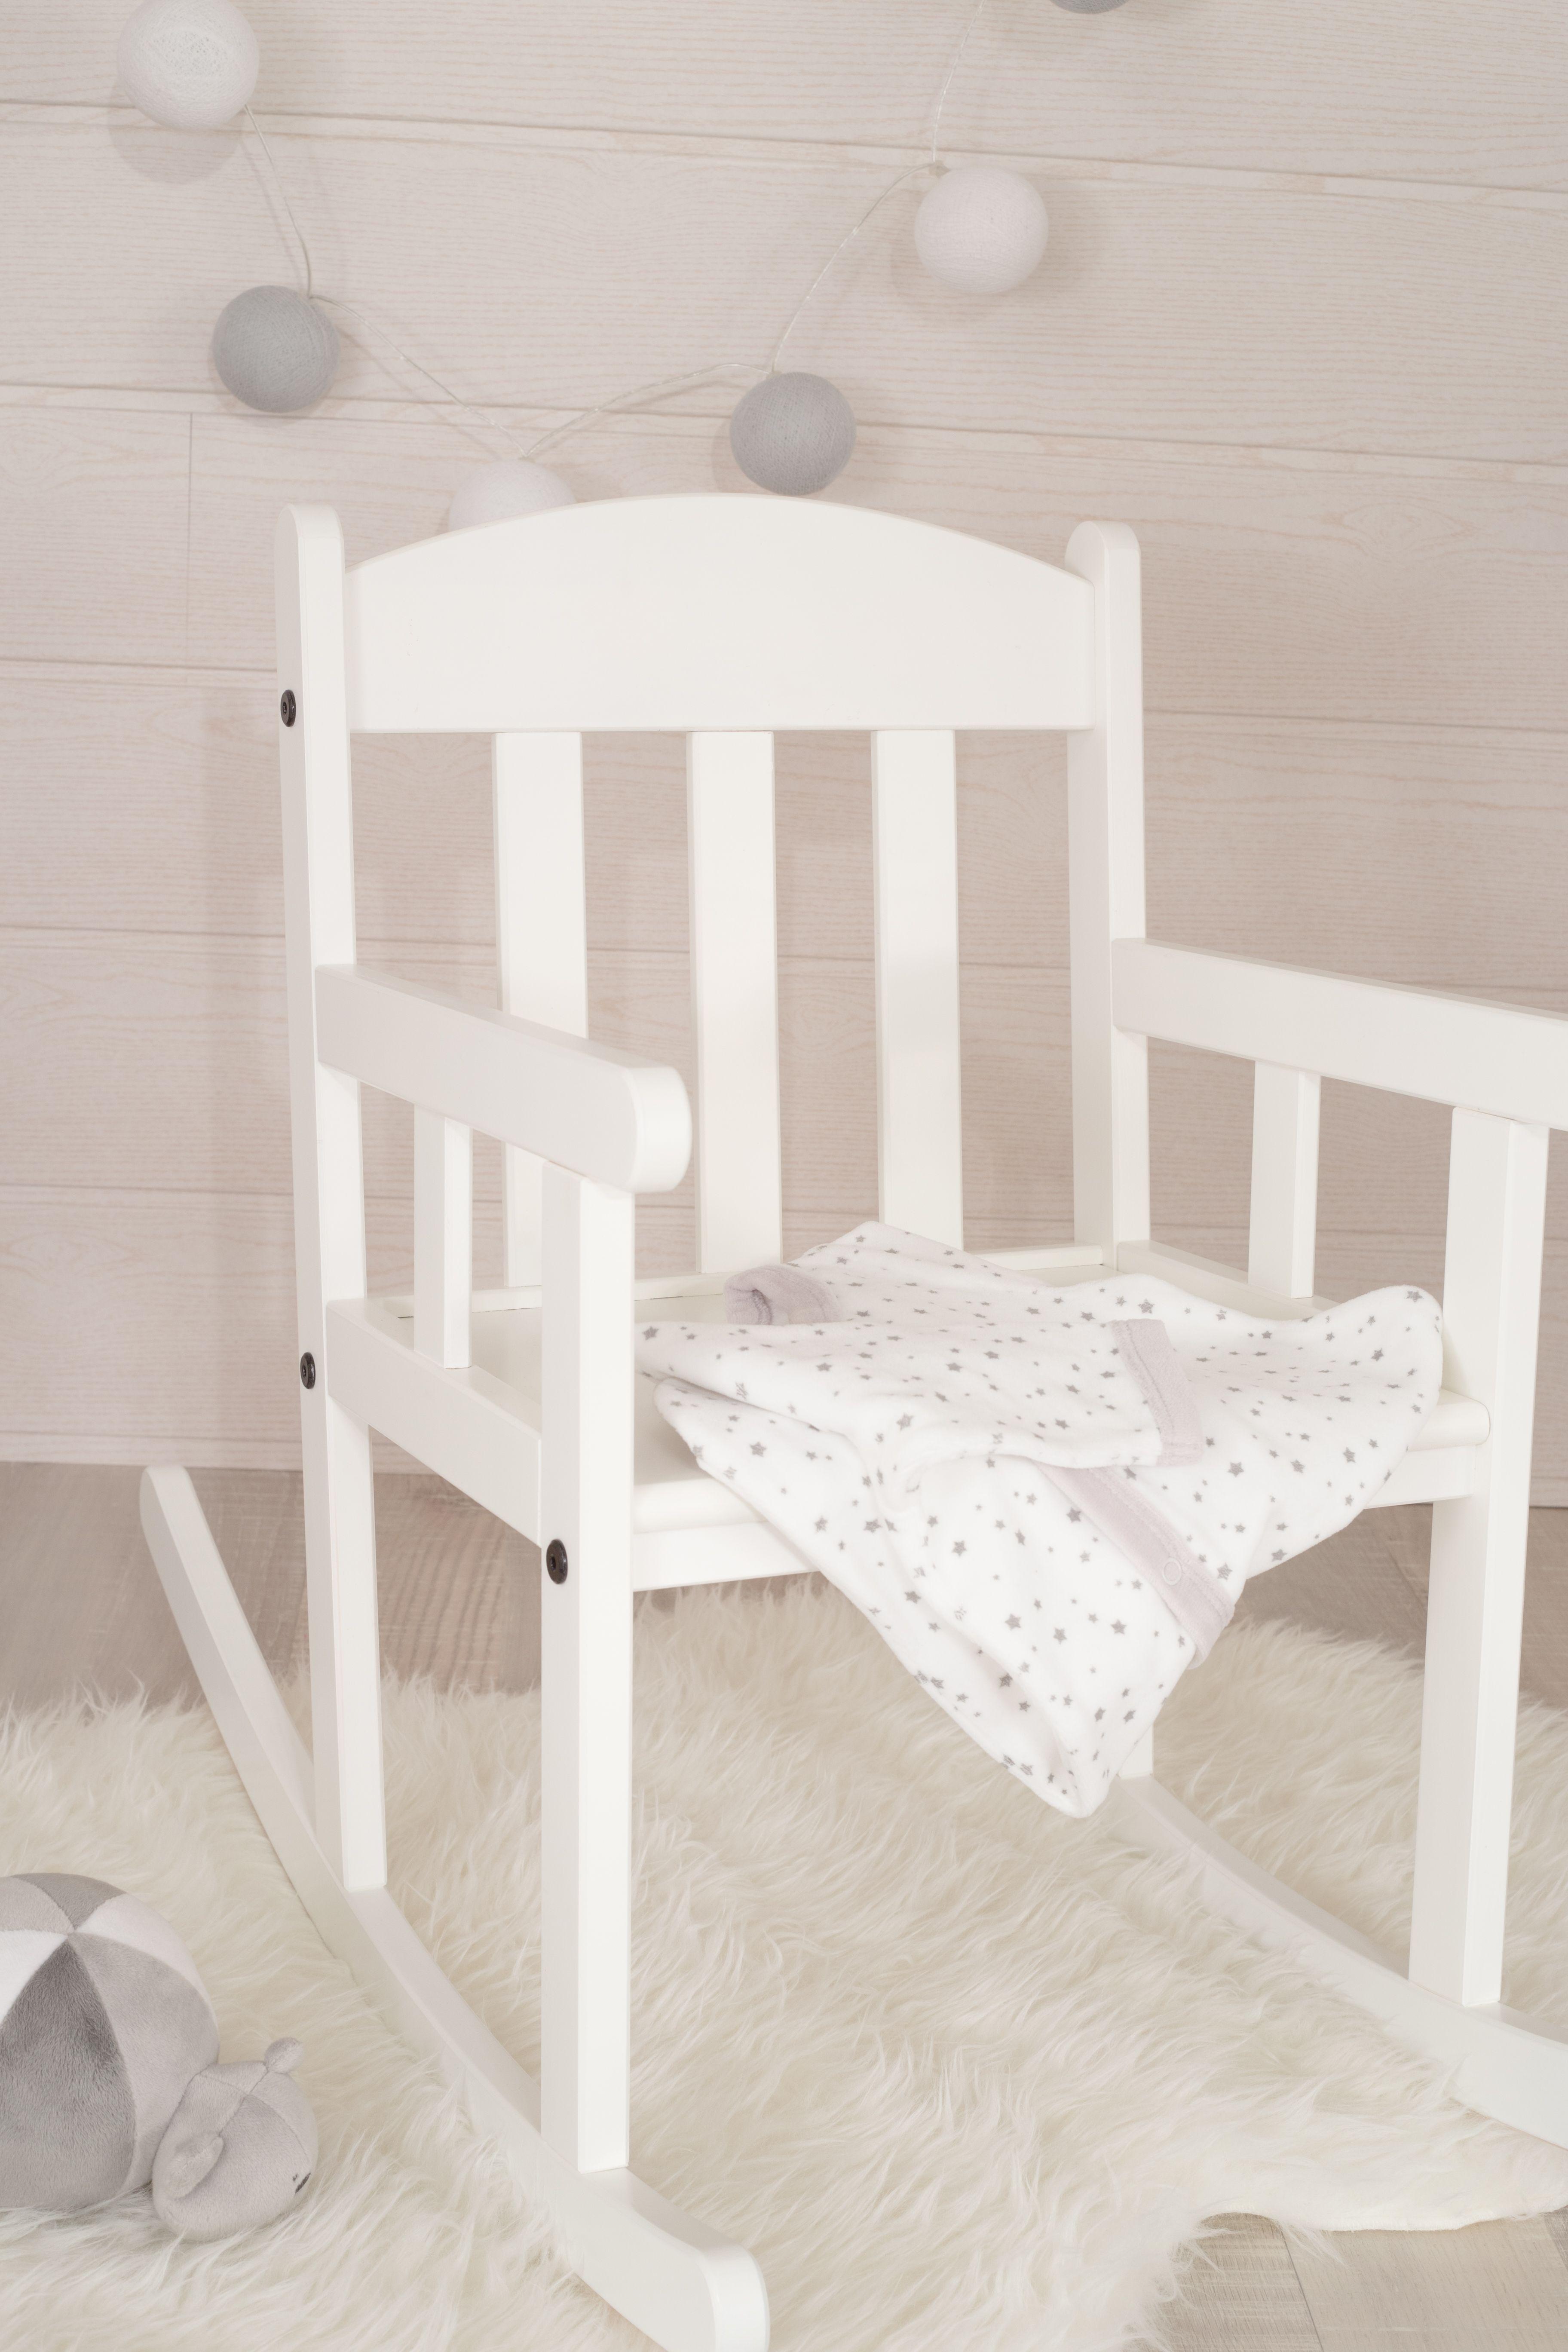 Chambre bébé mixte ambiance 100% douceur chambre bébé gris